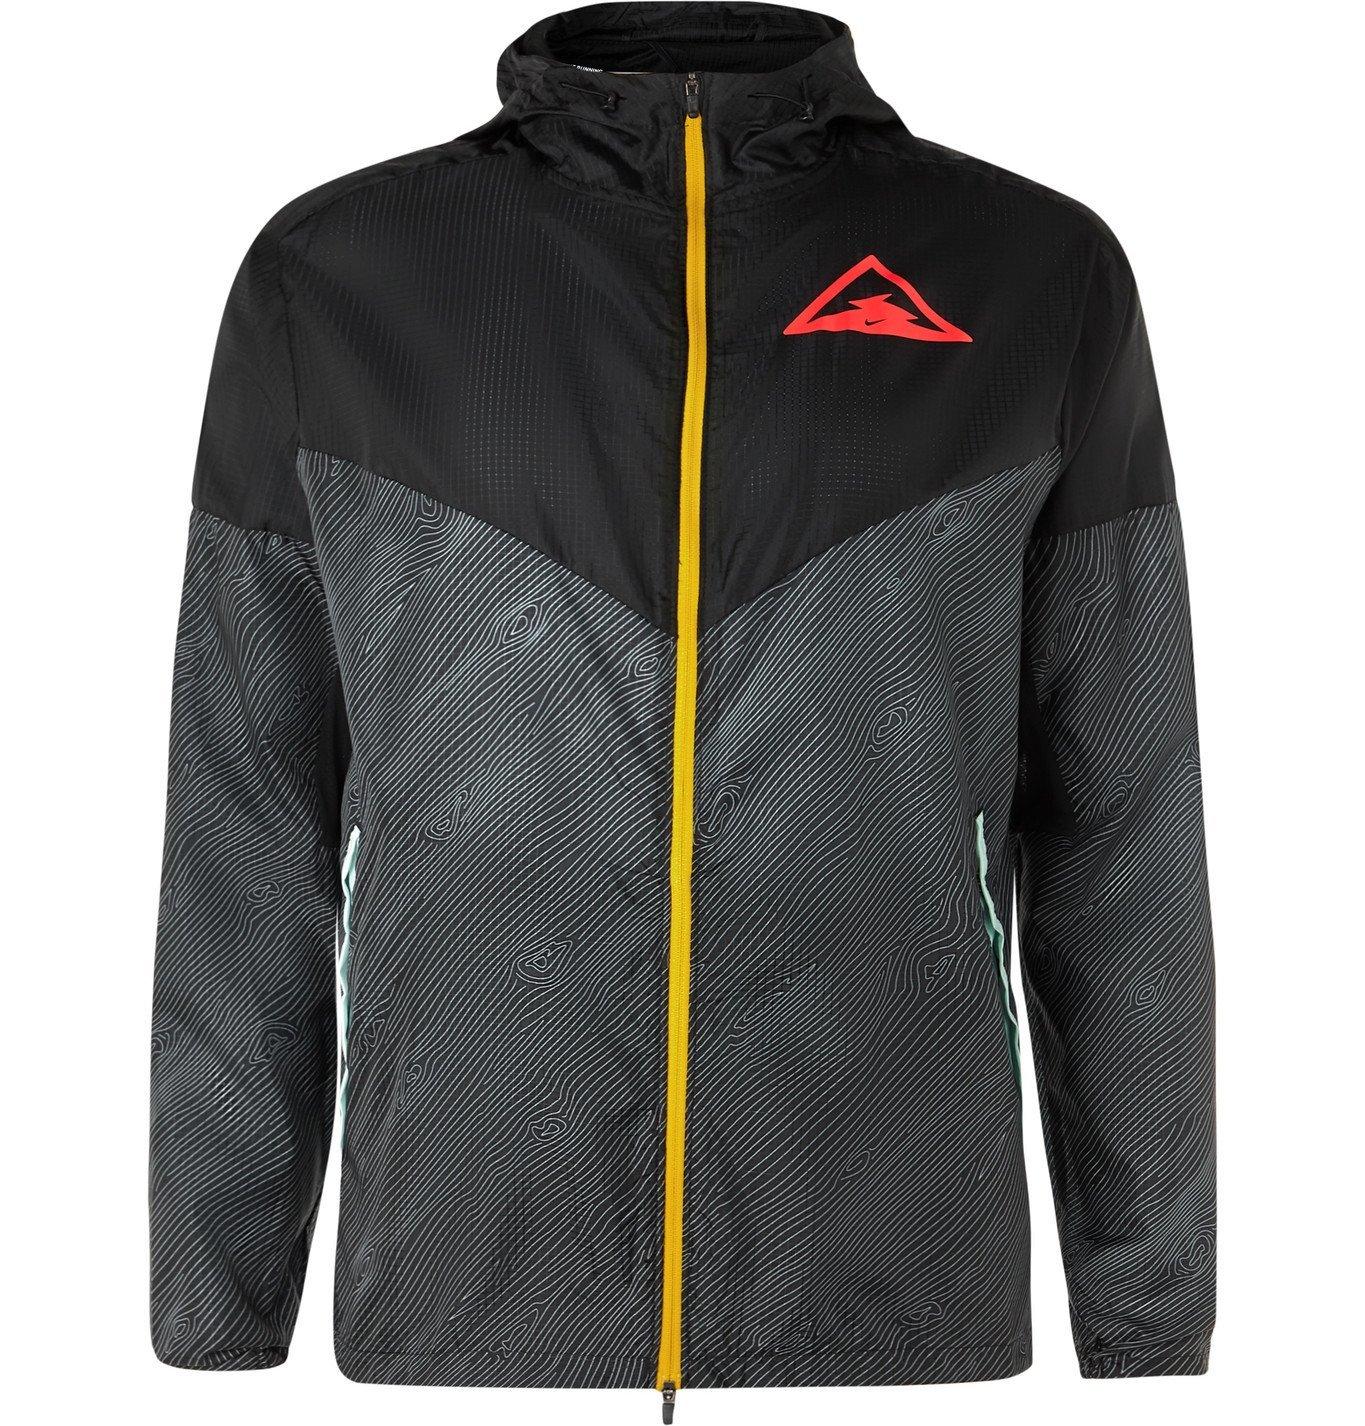 Nike Running - Windrunner Logo-Print Ripstop Hooded Jacket - Black